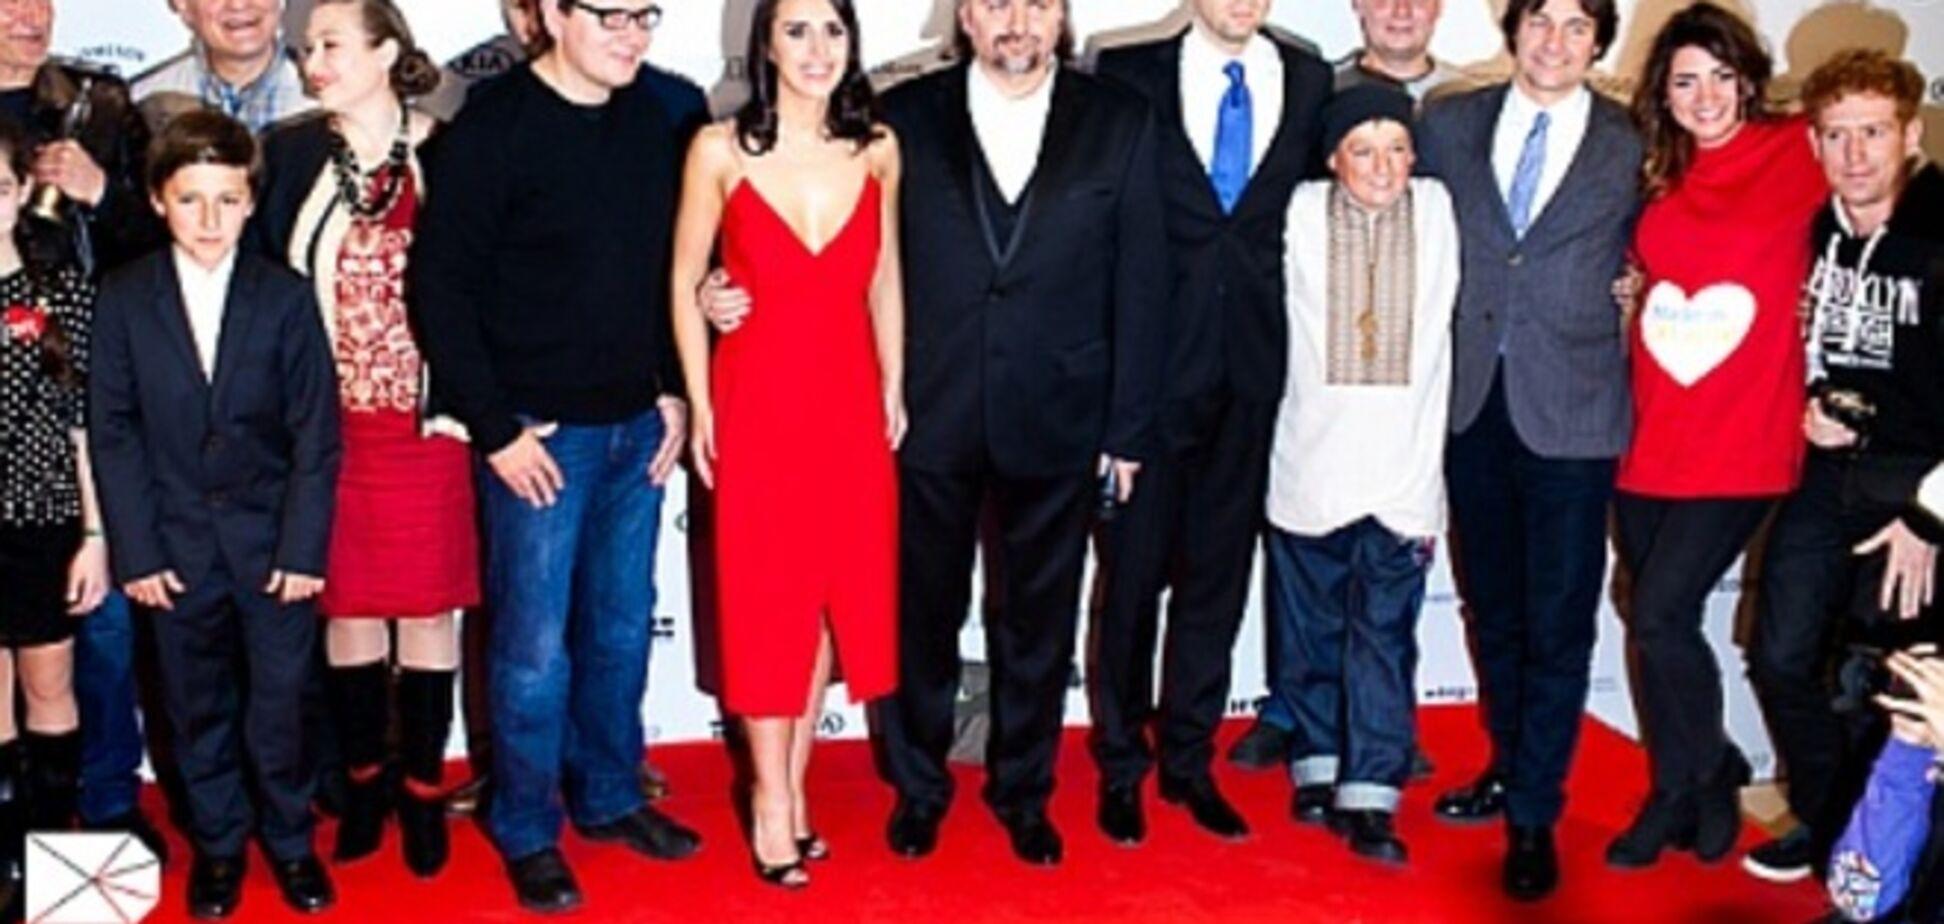 Яценюк, Нищук и Бондаренко вместо работы сходили в кино